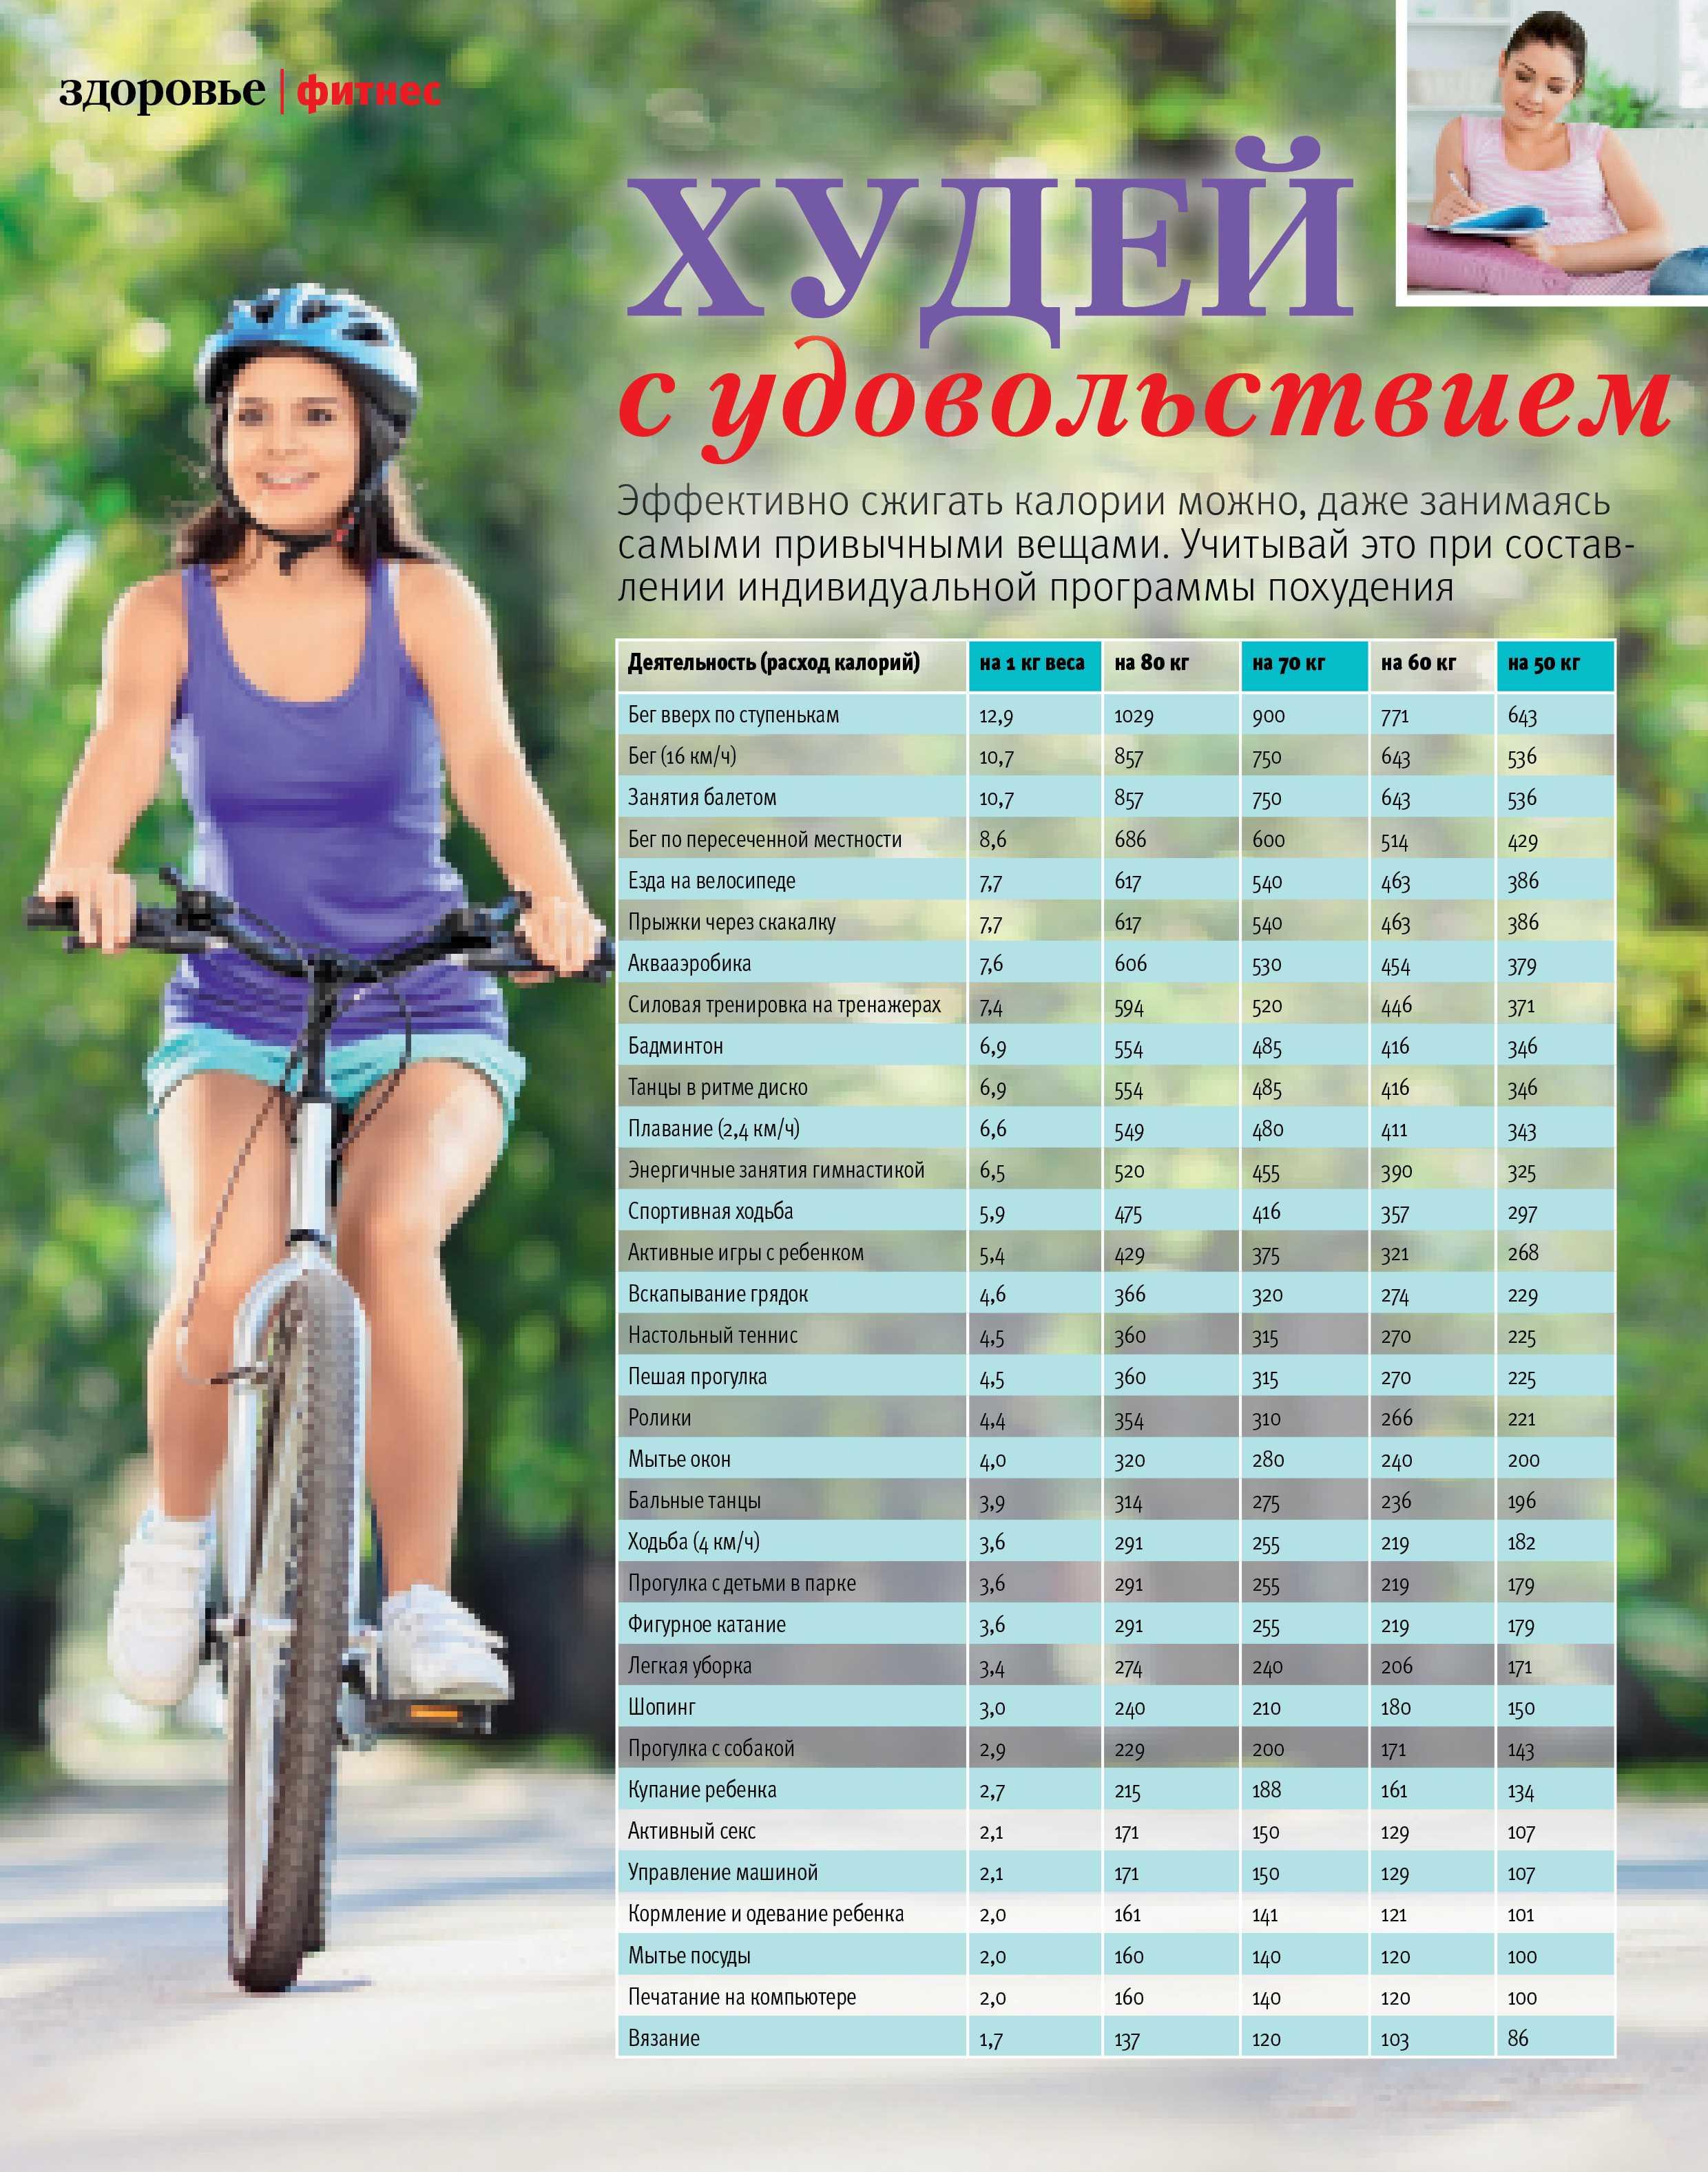 Езда на велосипеде — плюсы и минусы для человека | плюсы и минусы